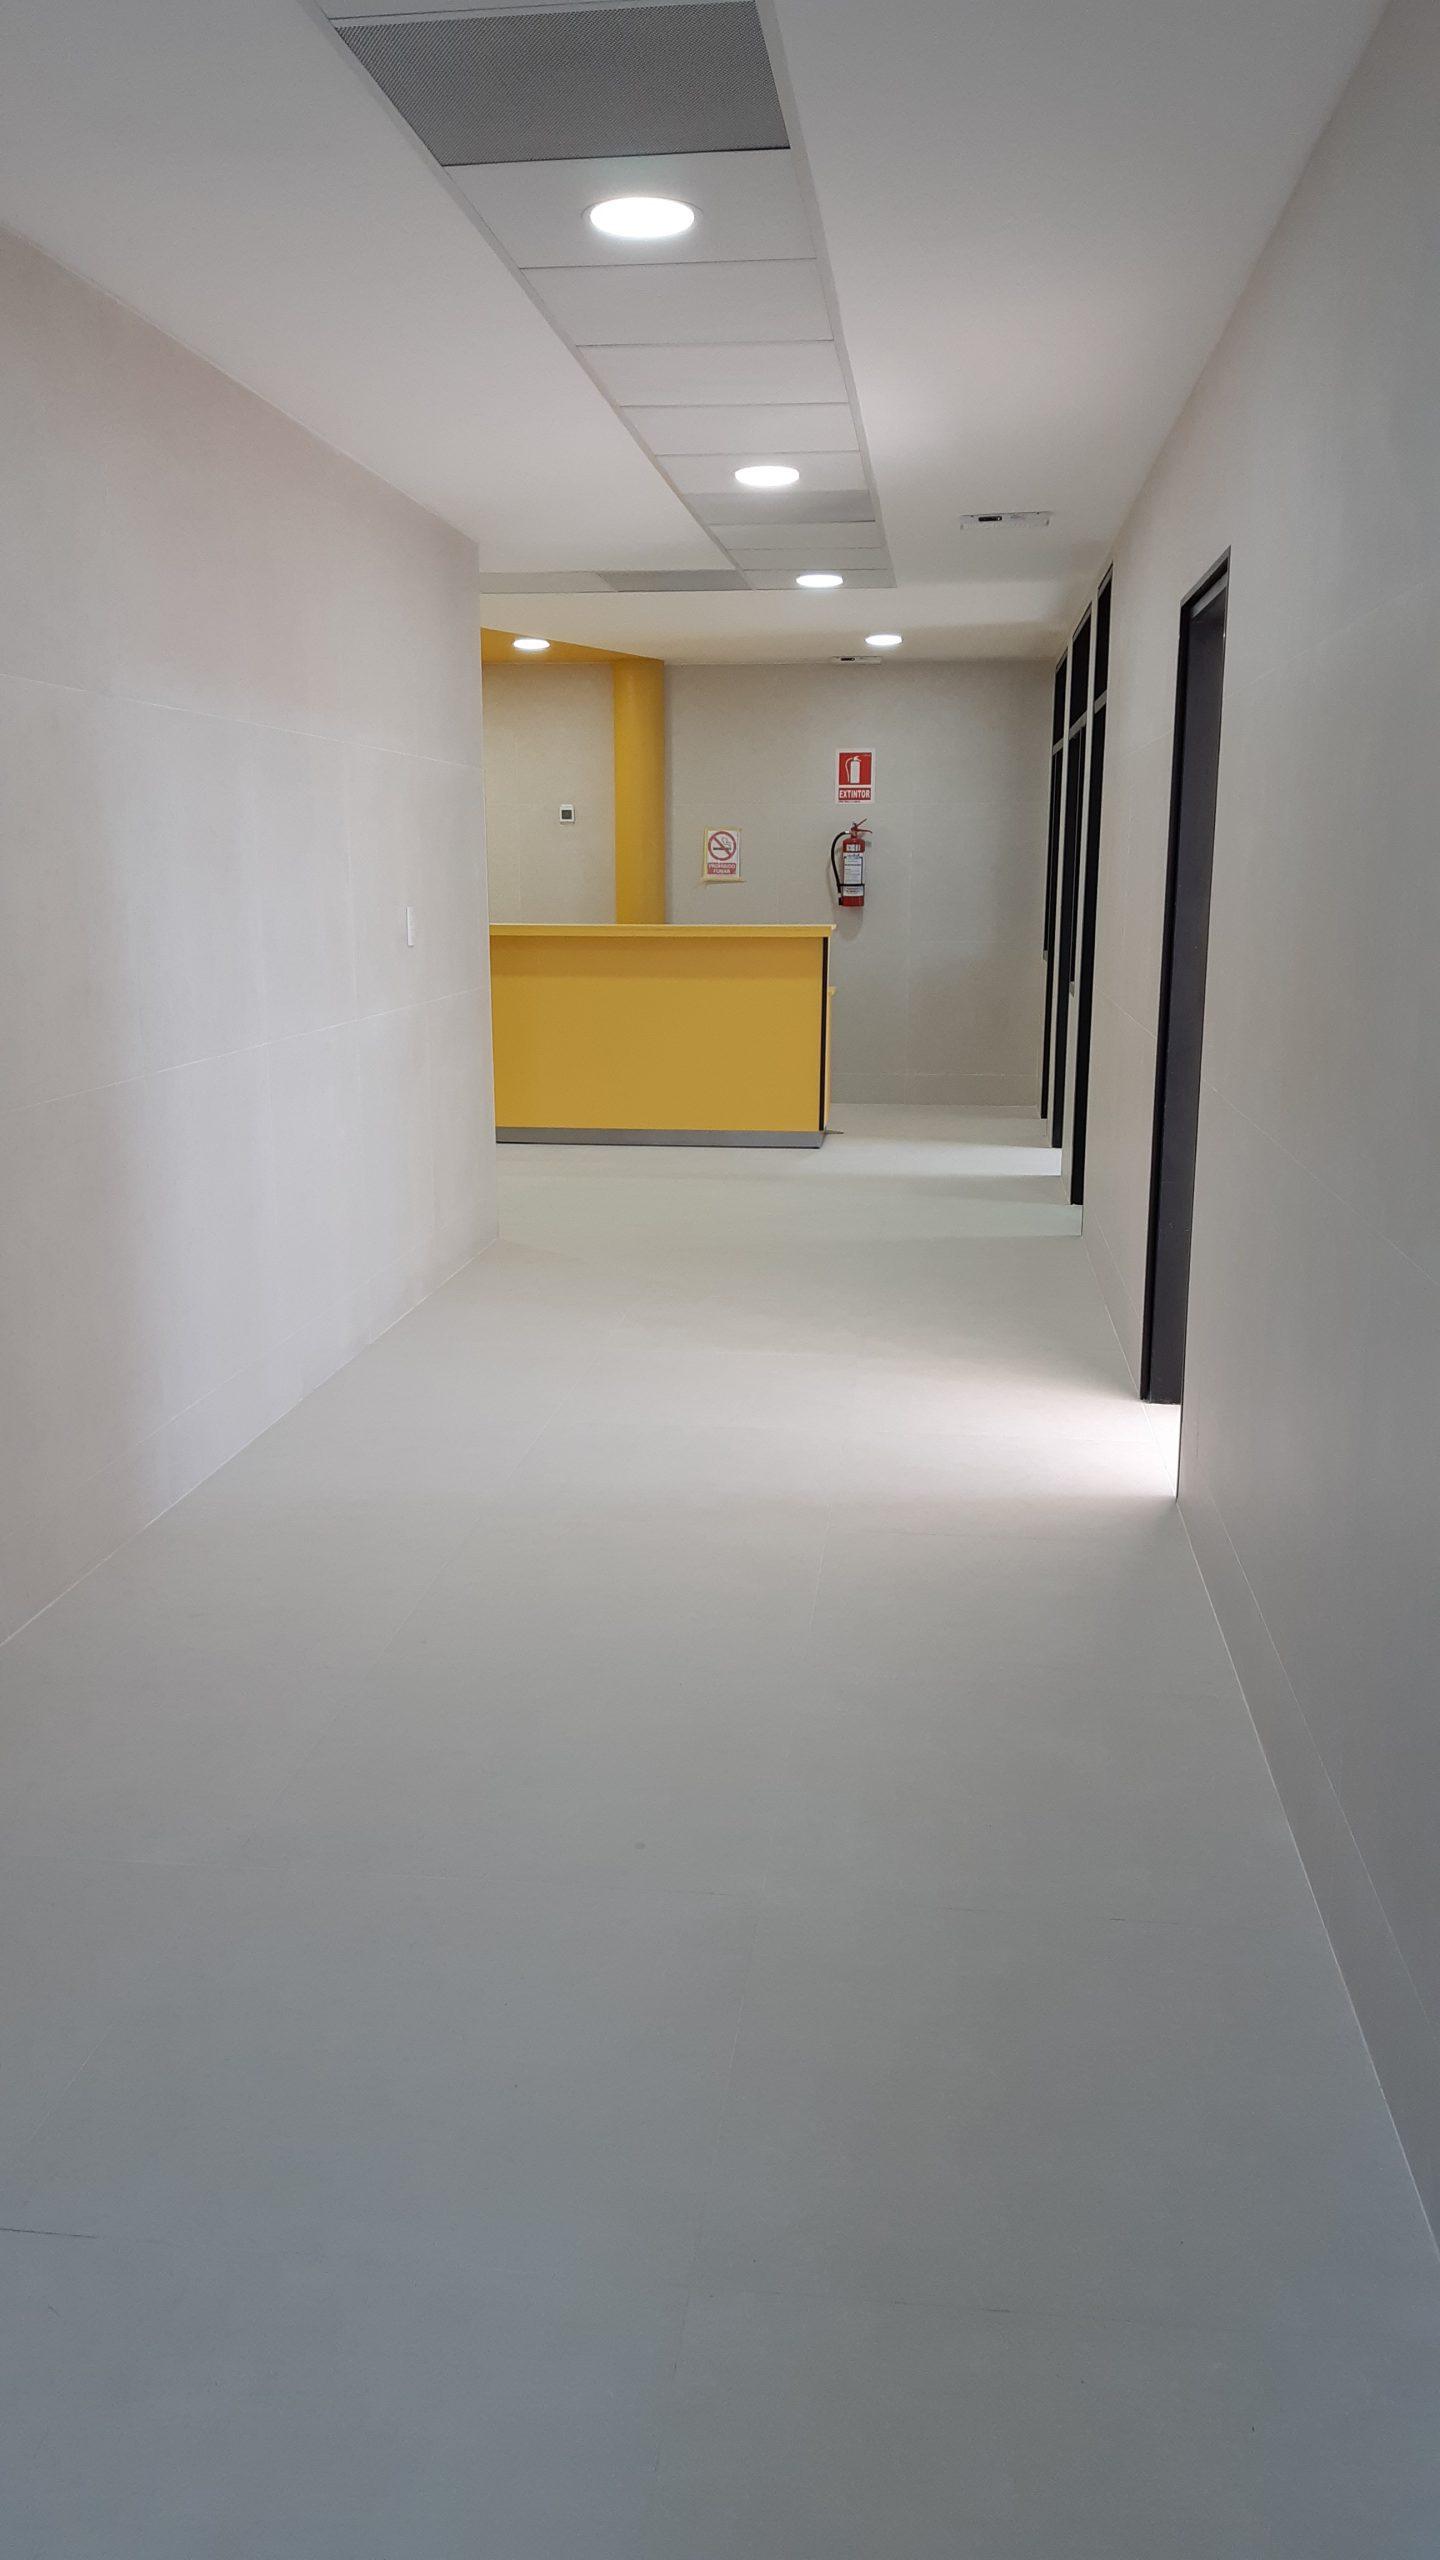 OBRA HOSPITAL DE RIVERA